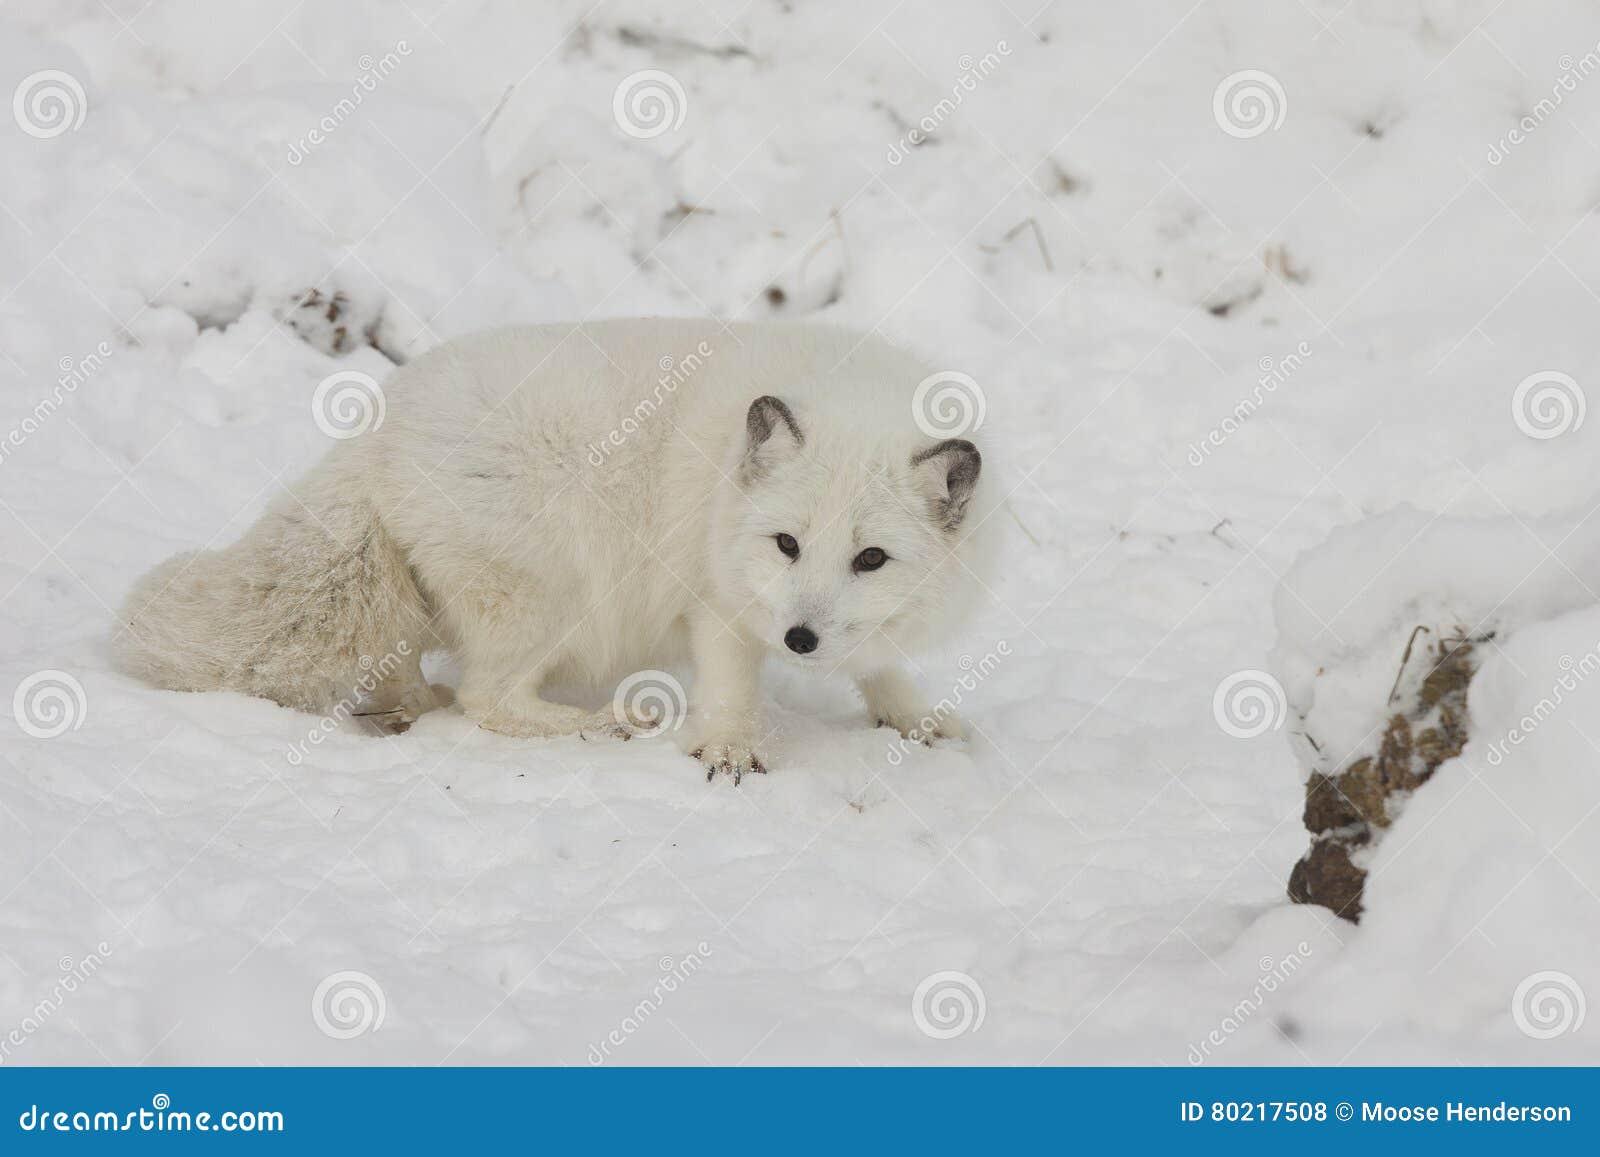 Arktycznego lisa polowanie dla jedzenia na śnieżnym wzgórzu z rozszerzonymi pazurami ja